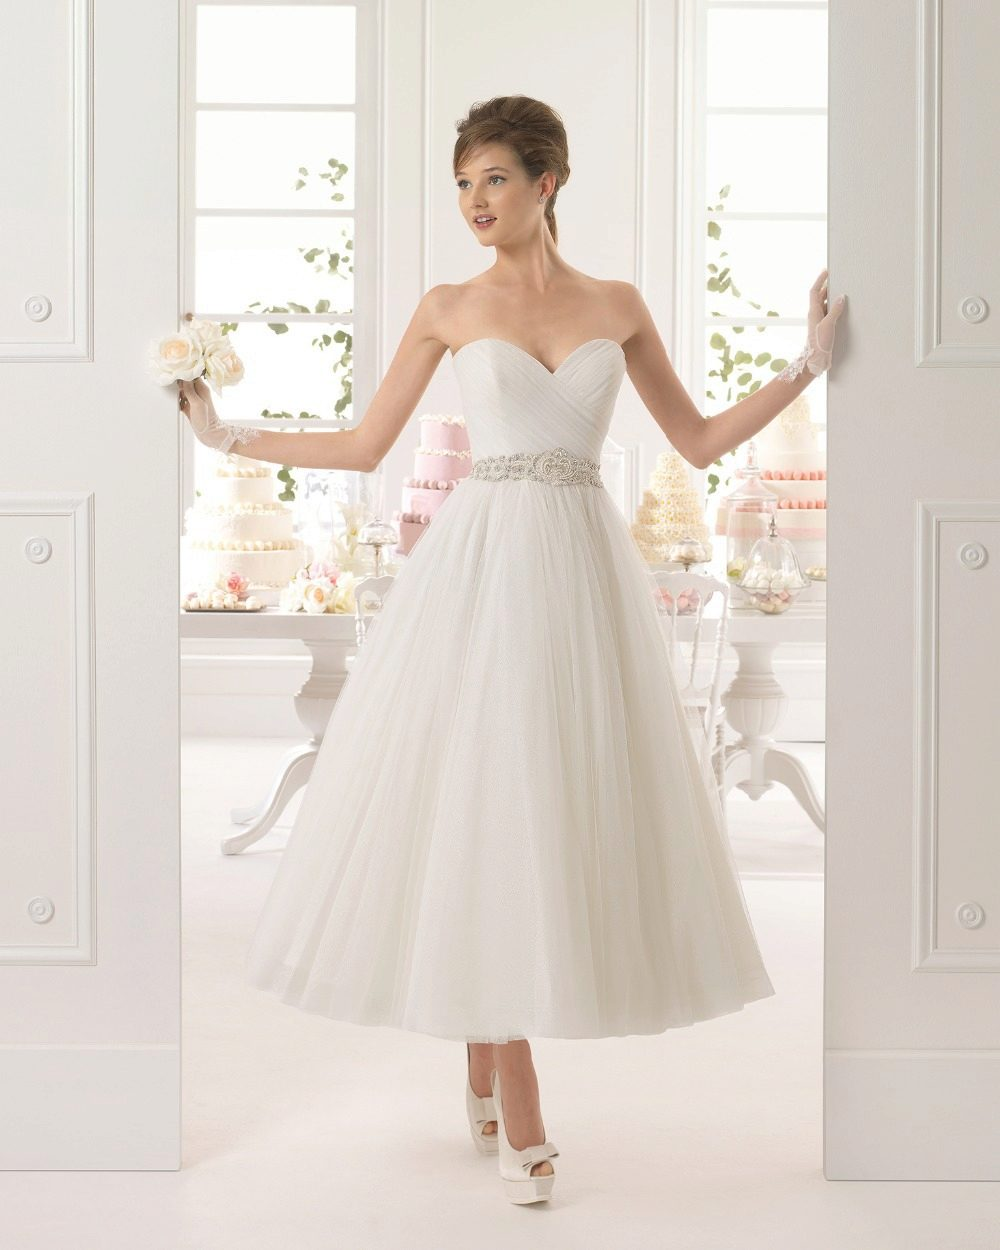 Черный пояс на коротком свадебном платье